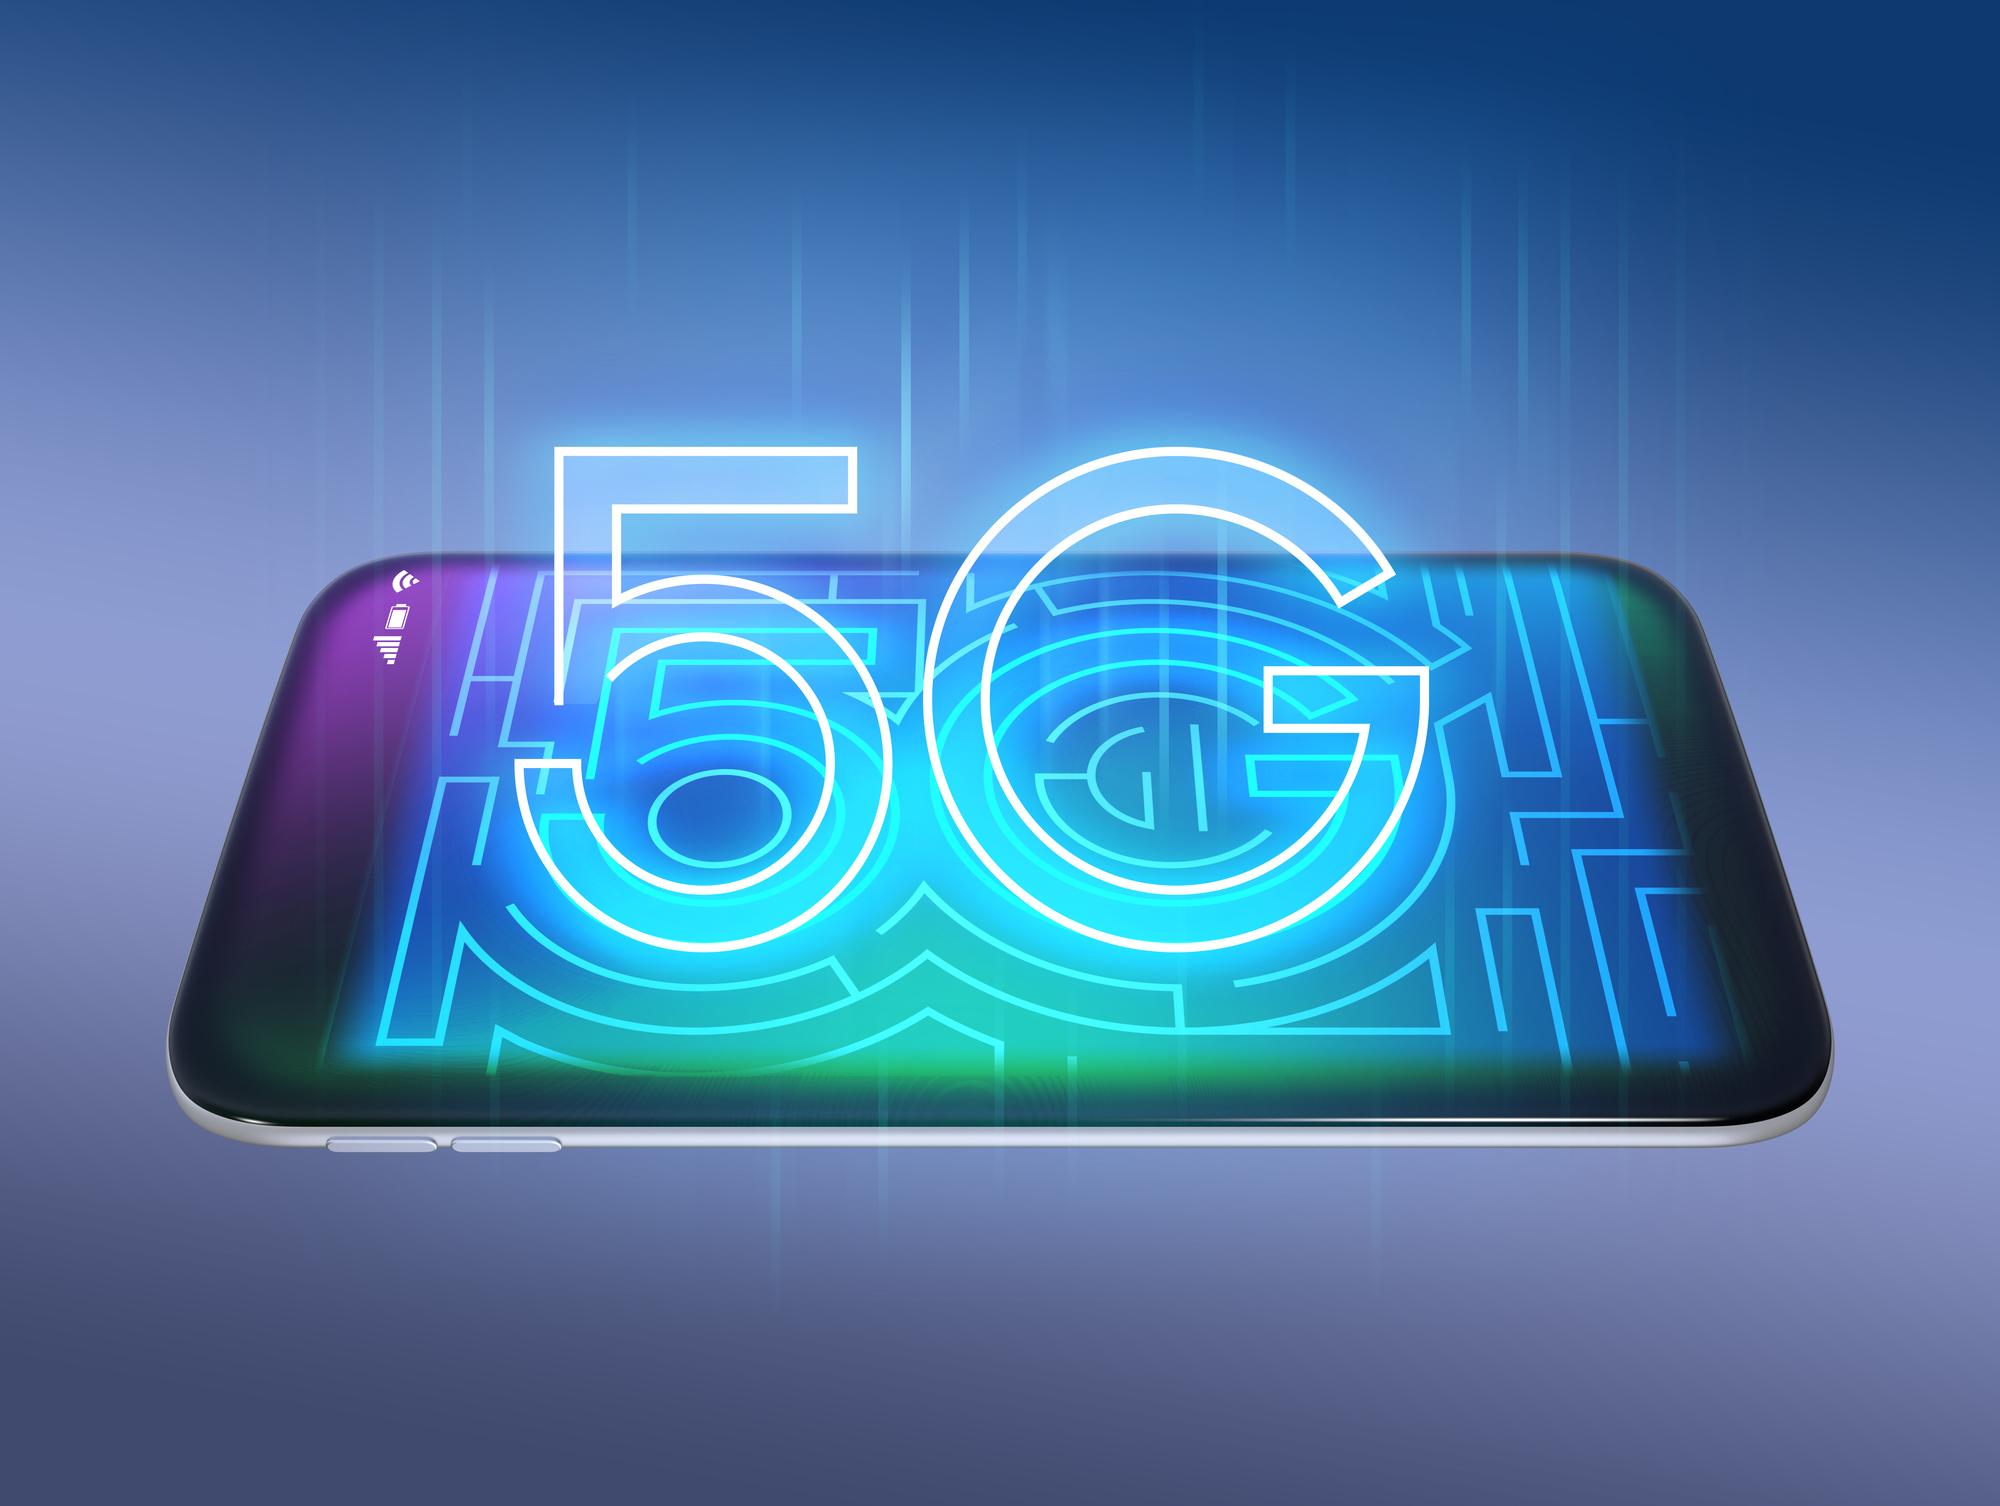 04.総務省が5Gの周波数割当てを発表!5Gによってできること